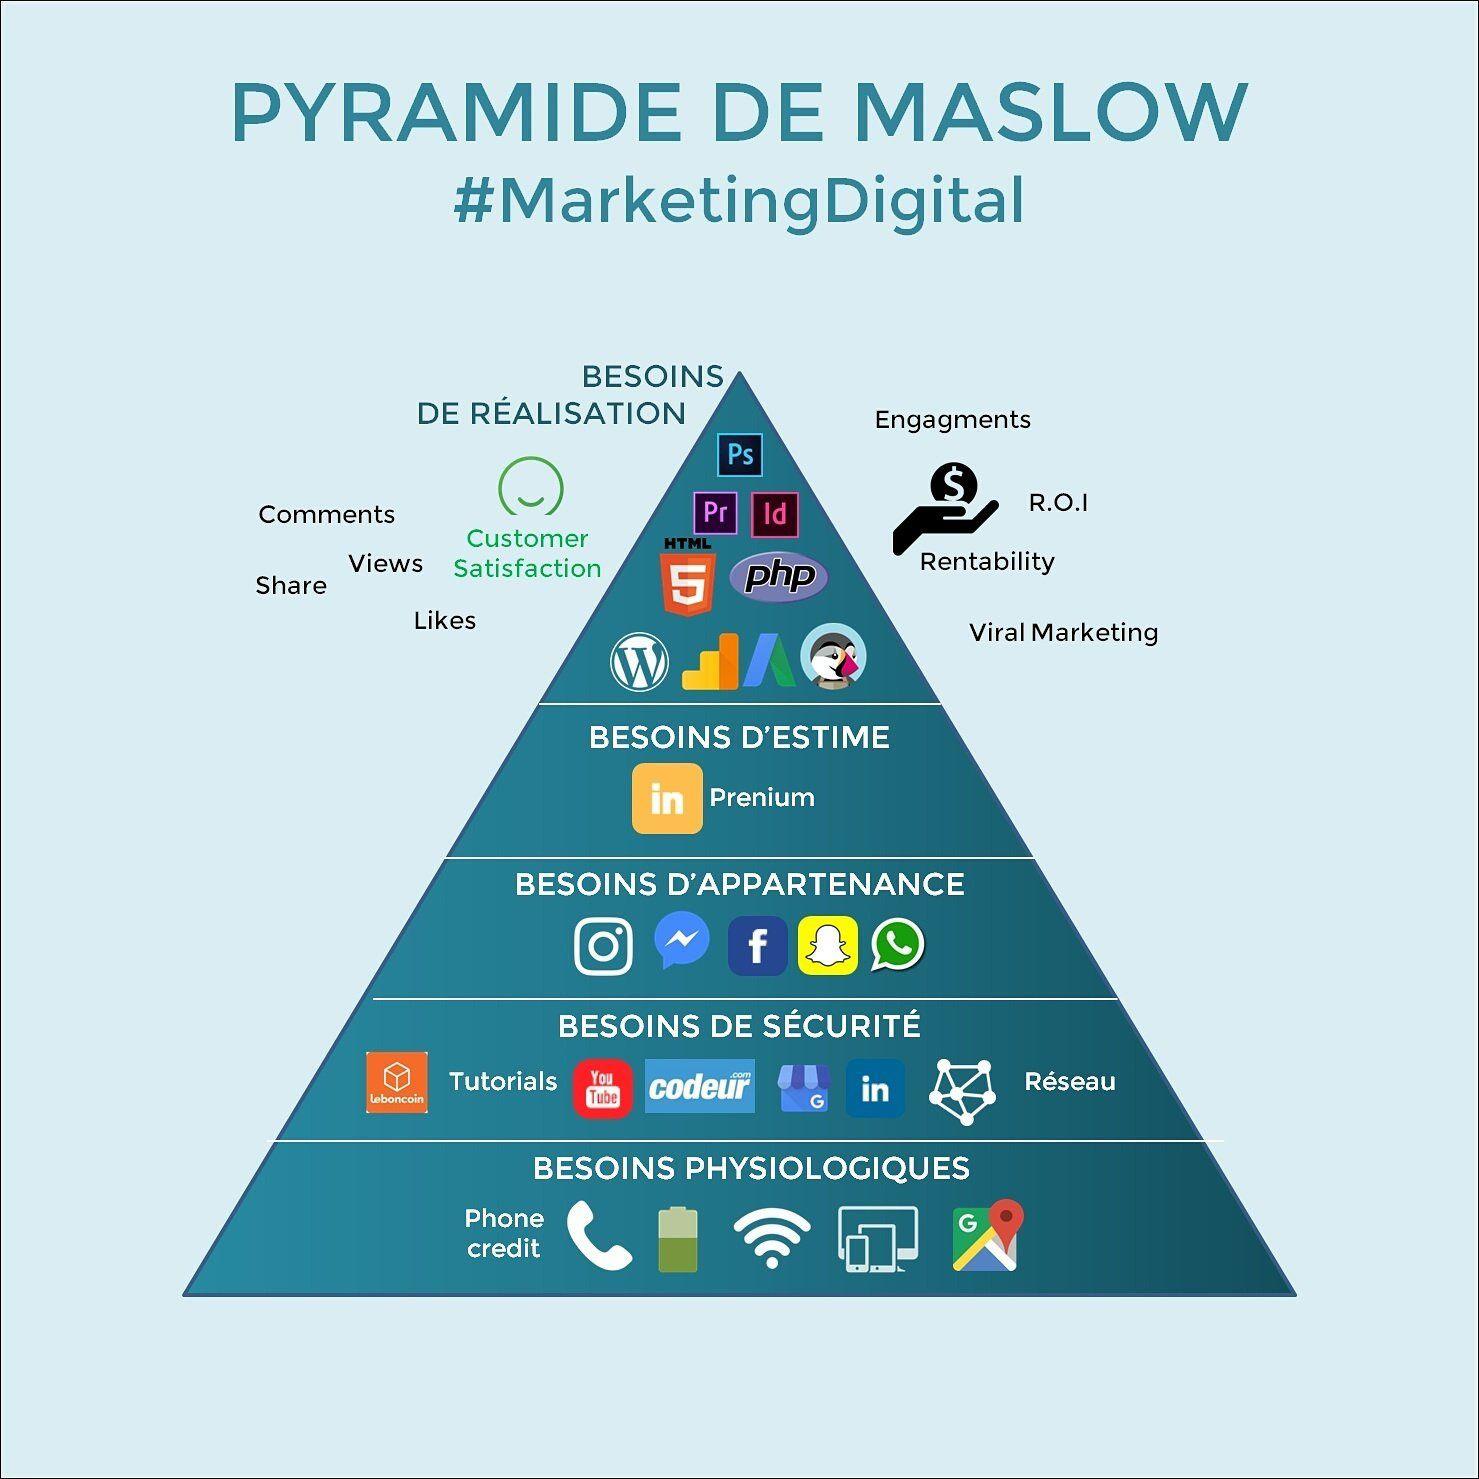 Pyramide de Maslow de nos jours